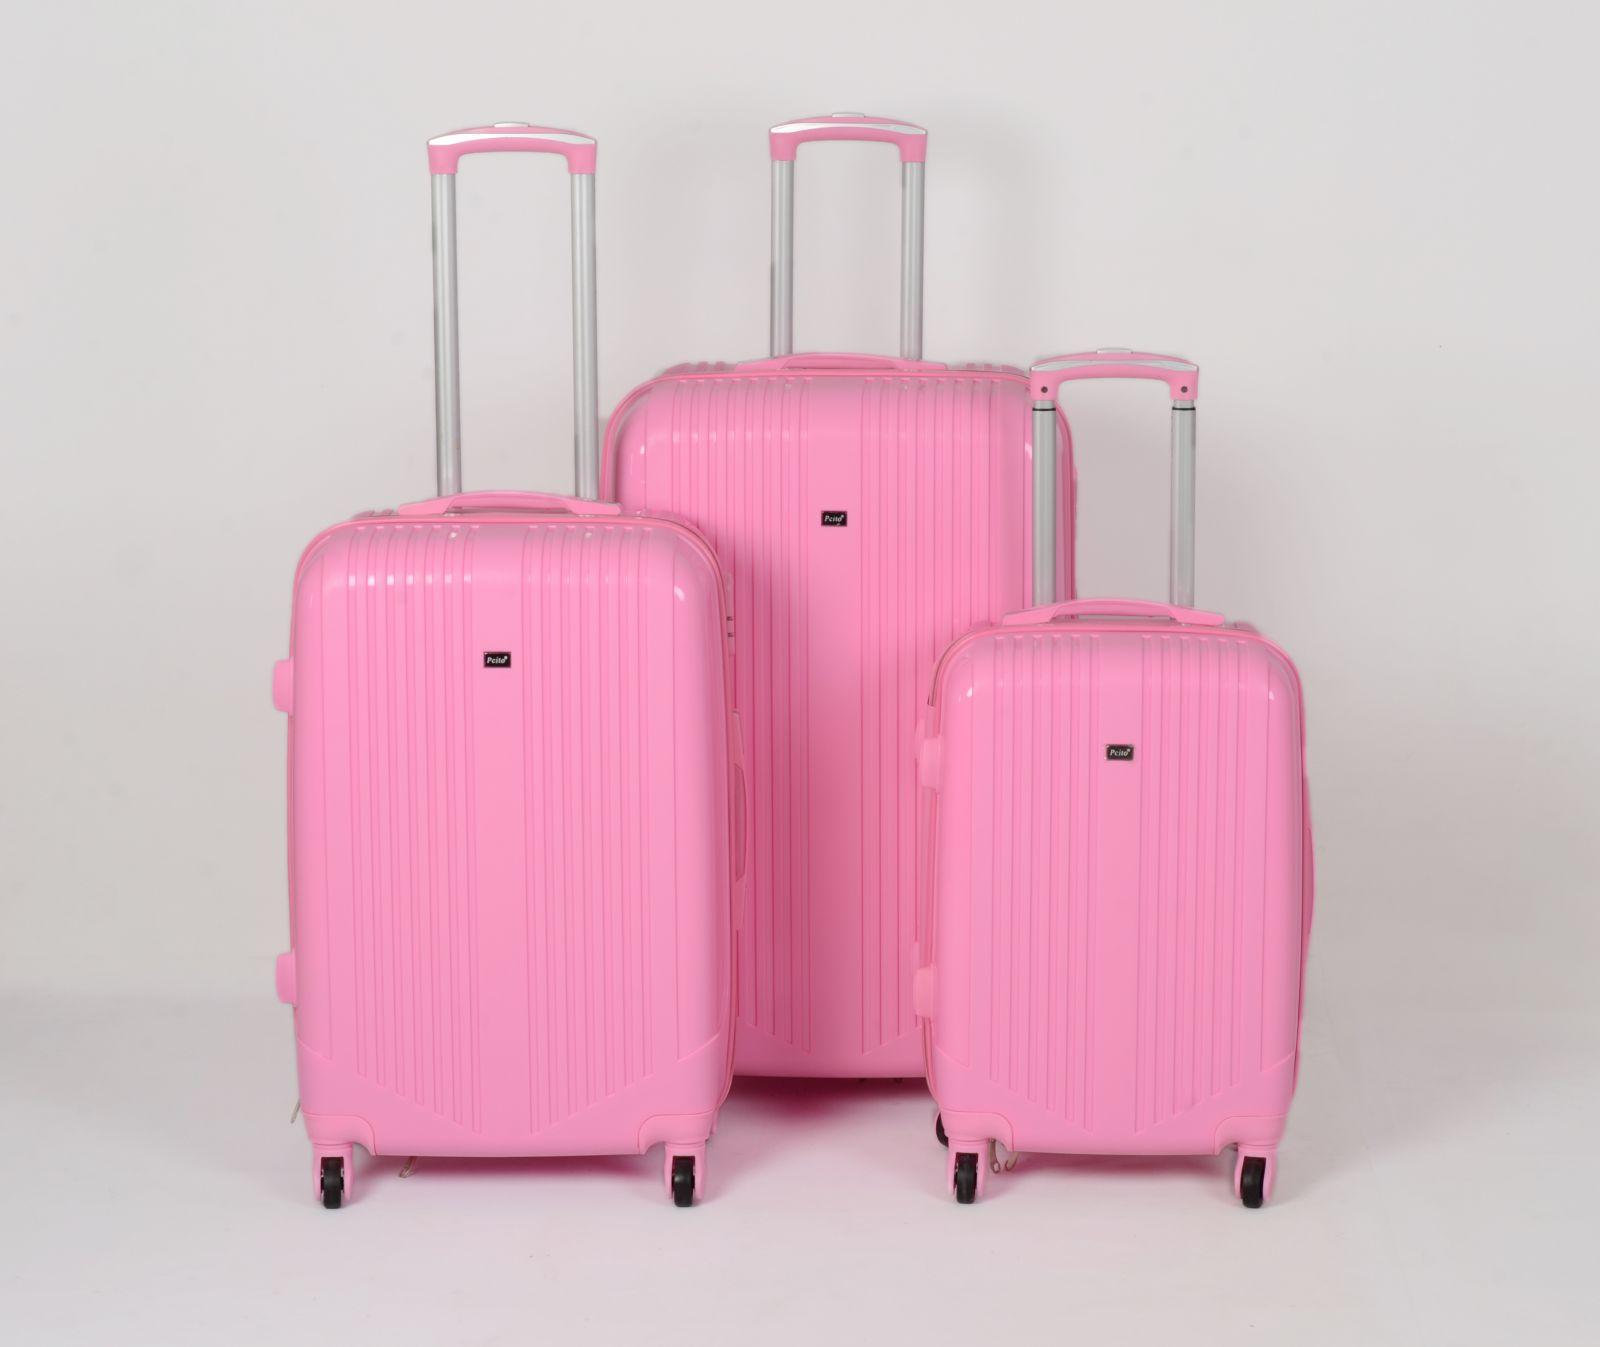 Cestovní kufry sada ABS Trolleykoffer TR-A16 růžová